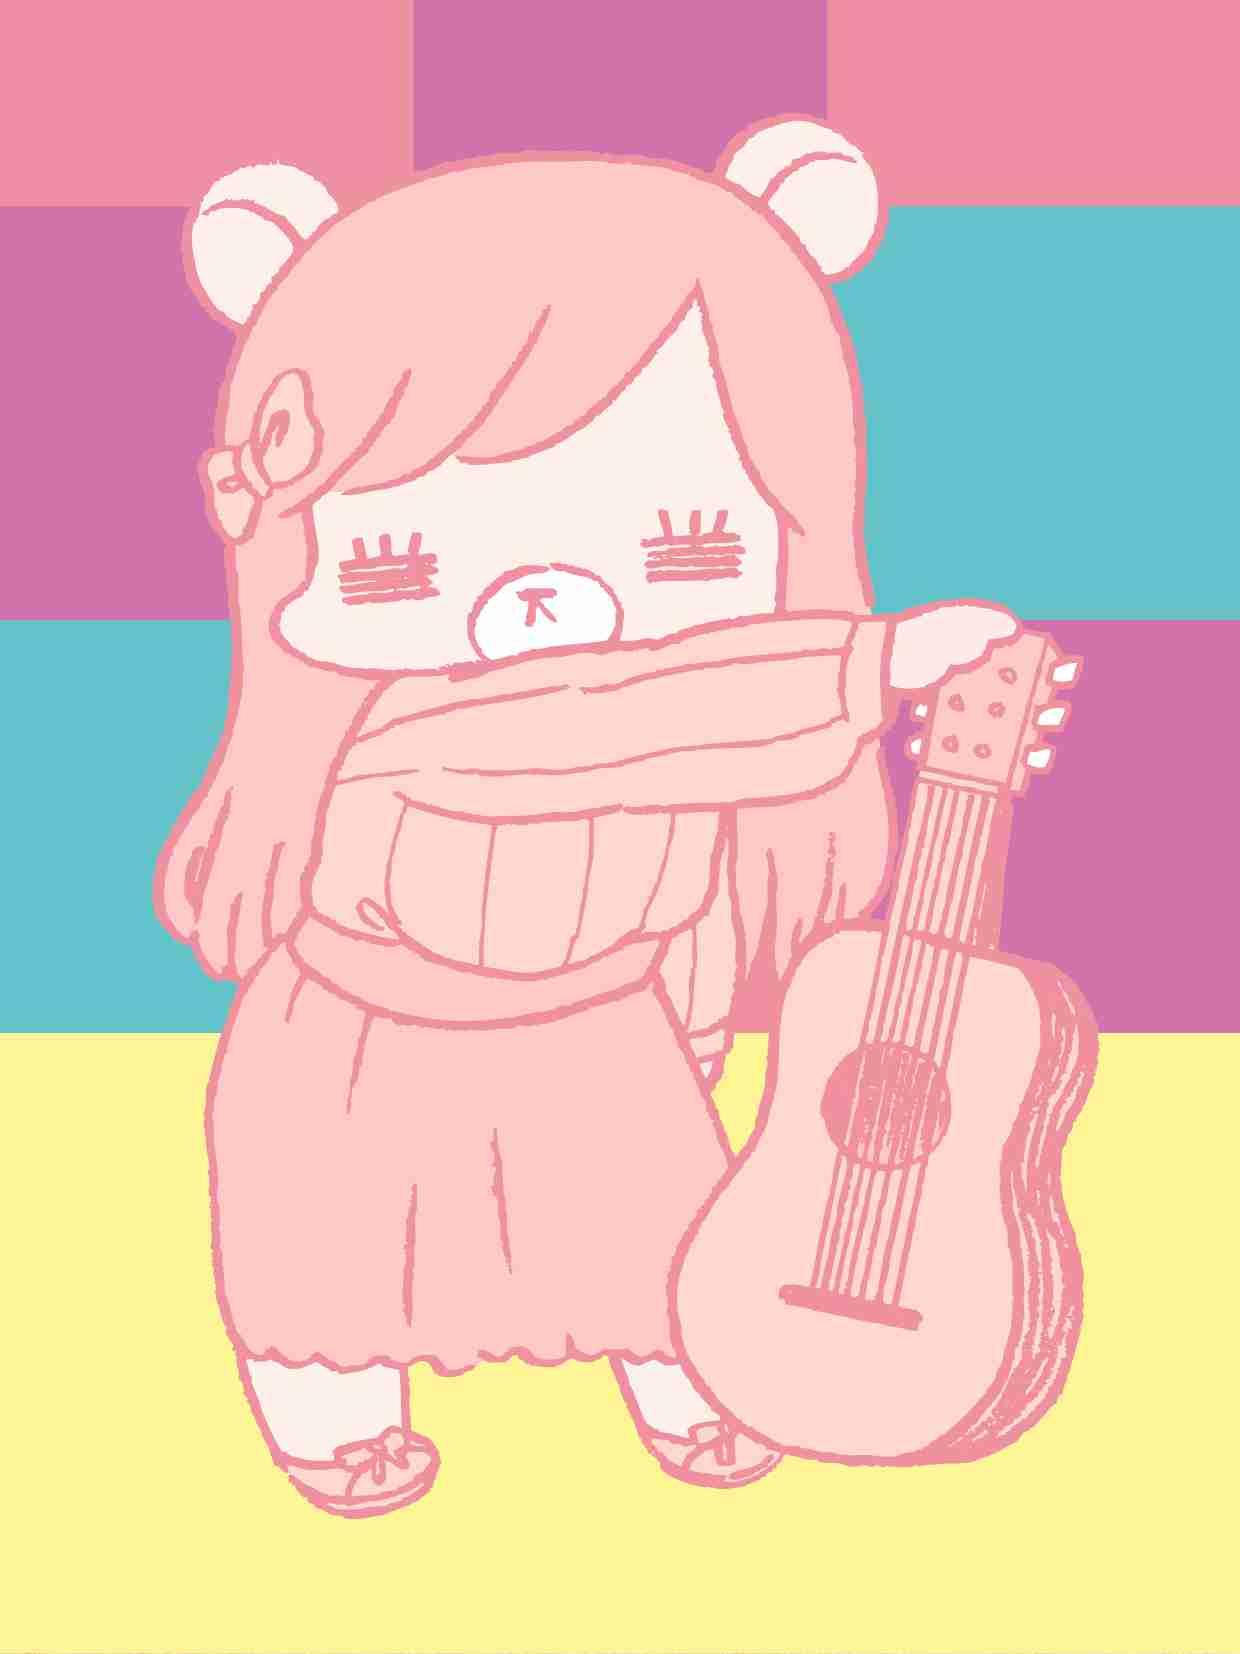 知名度は低いけど好きなシンガーソングライター